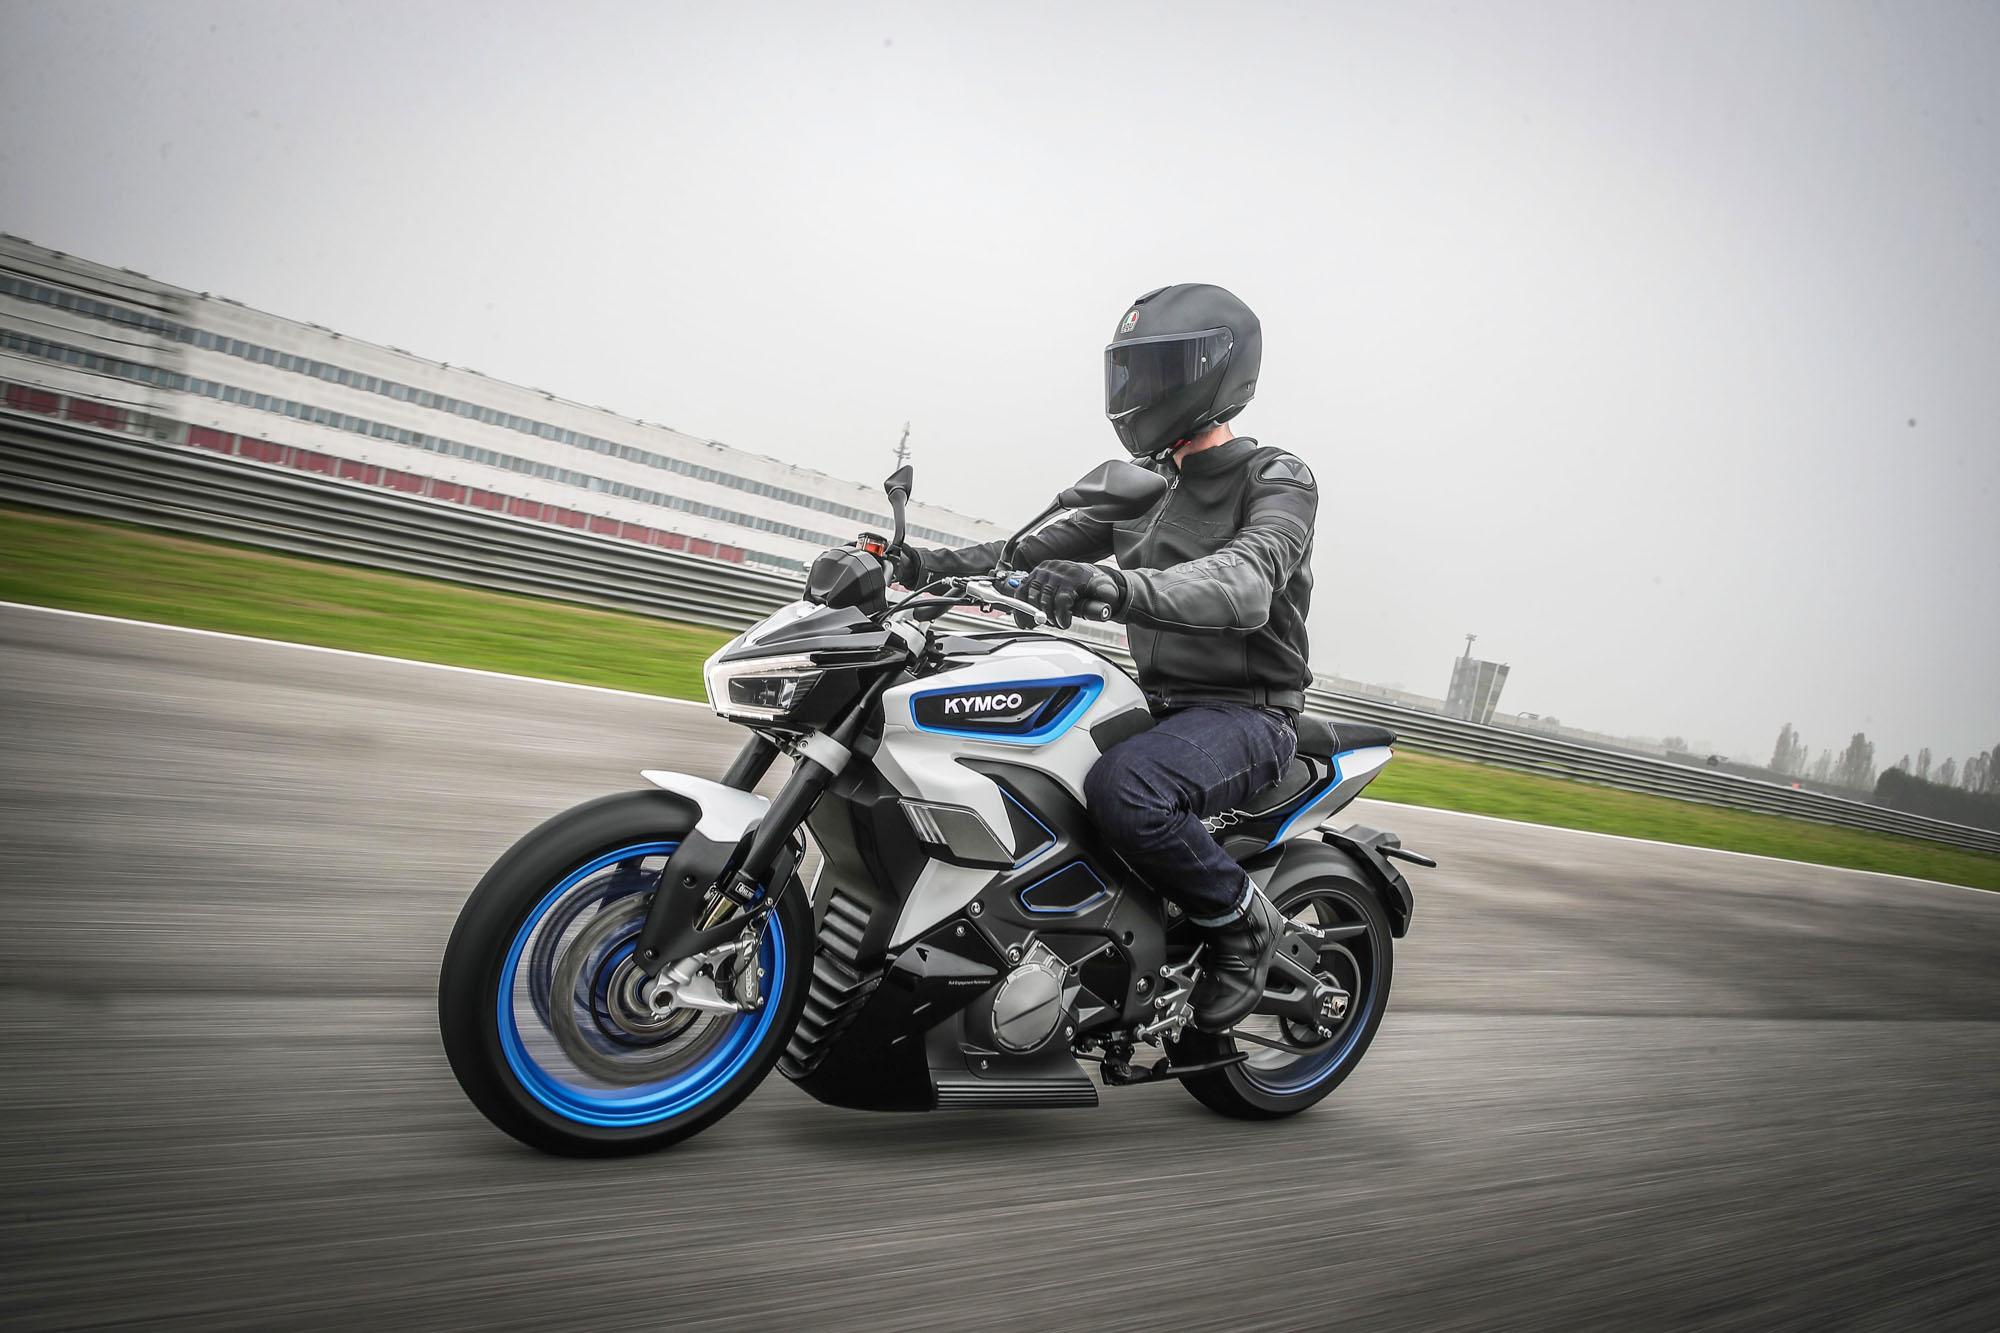 原廠數據表示,RevoNEX 可於 3.8 秒內完成 01-00km/h 加速過程,0-205km/h 極速過程也僅需 11.8 秒,二檔即可完成 0-115km/h 加速過程。